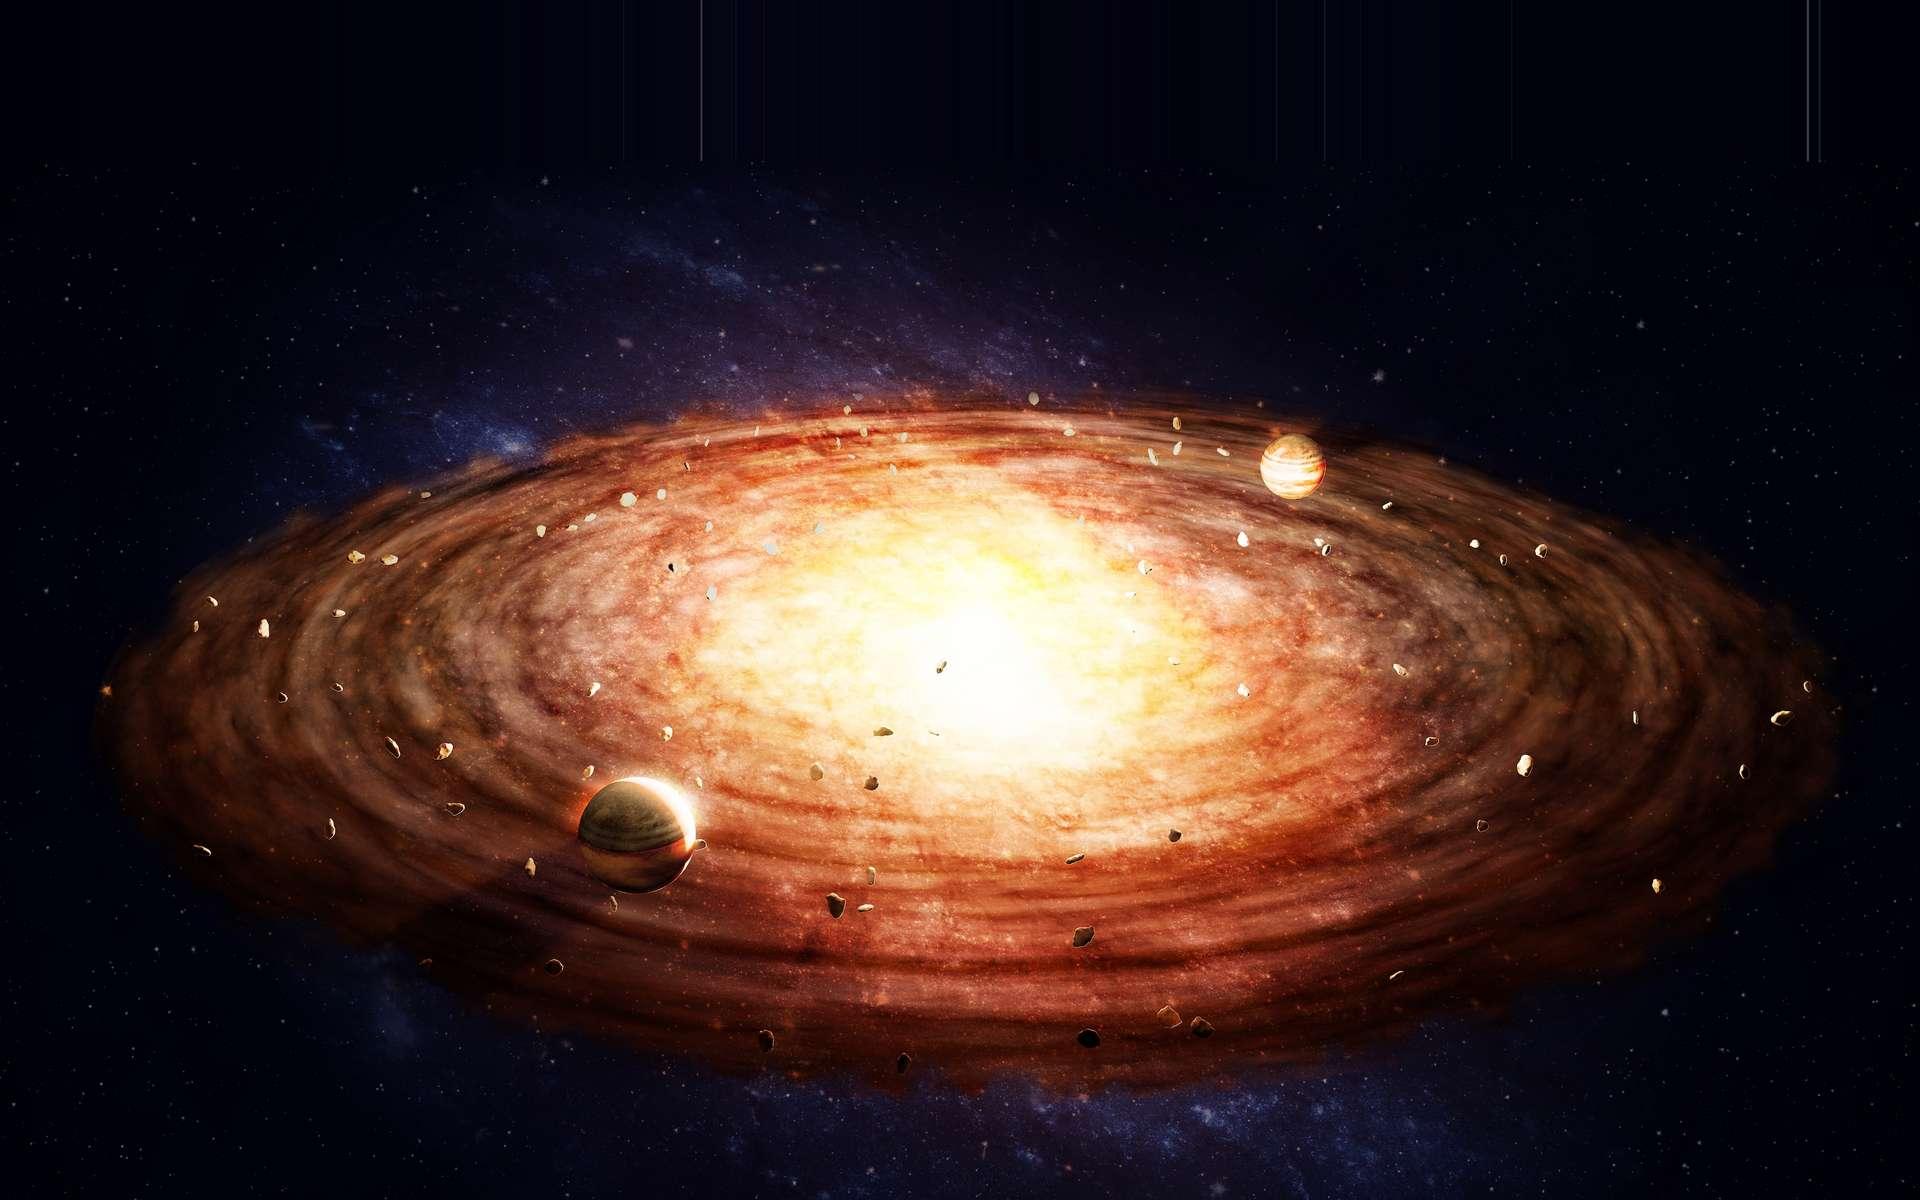 Selon des chercheurs de l'université de Rochester (États-Unis), des migrations de Jupiter auraient joué un rôle dans le fait que la Terre devienne habitable. Un scénario qui pourrait s'être joué dans d'autres systèmes planétaires. © Mopic, Adobe Stock